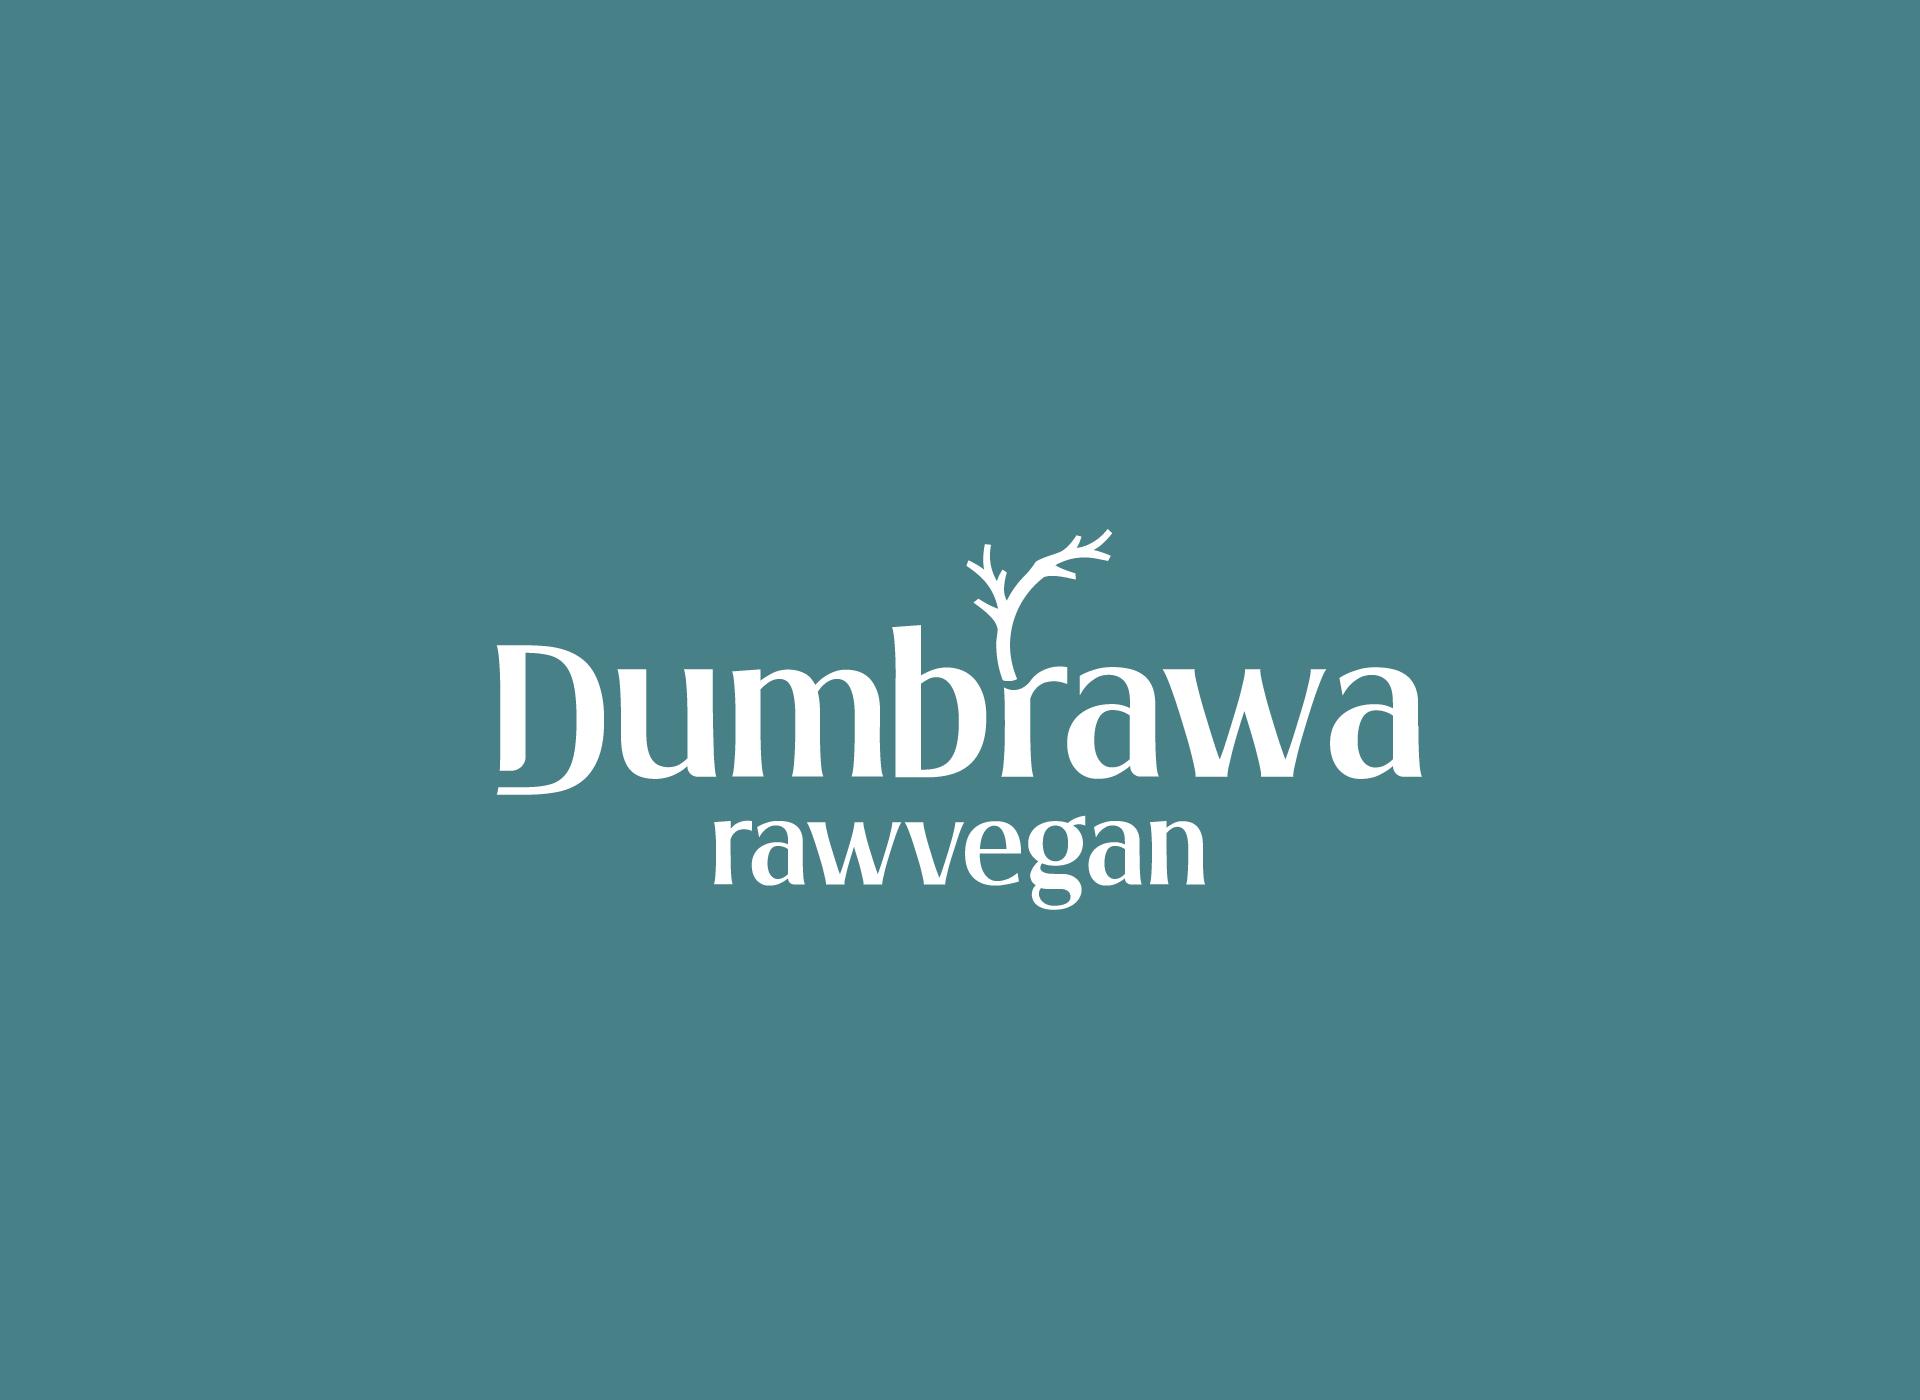 Dumbrawa